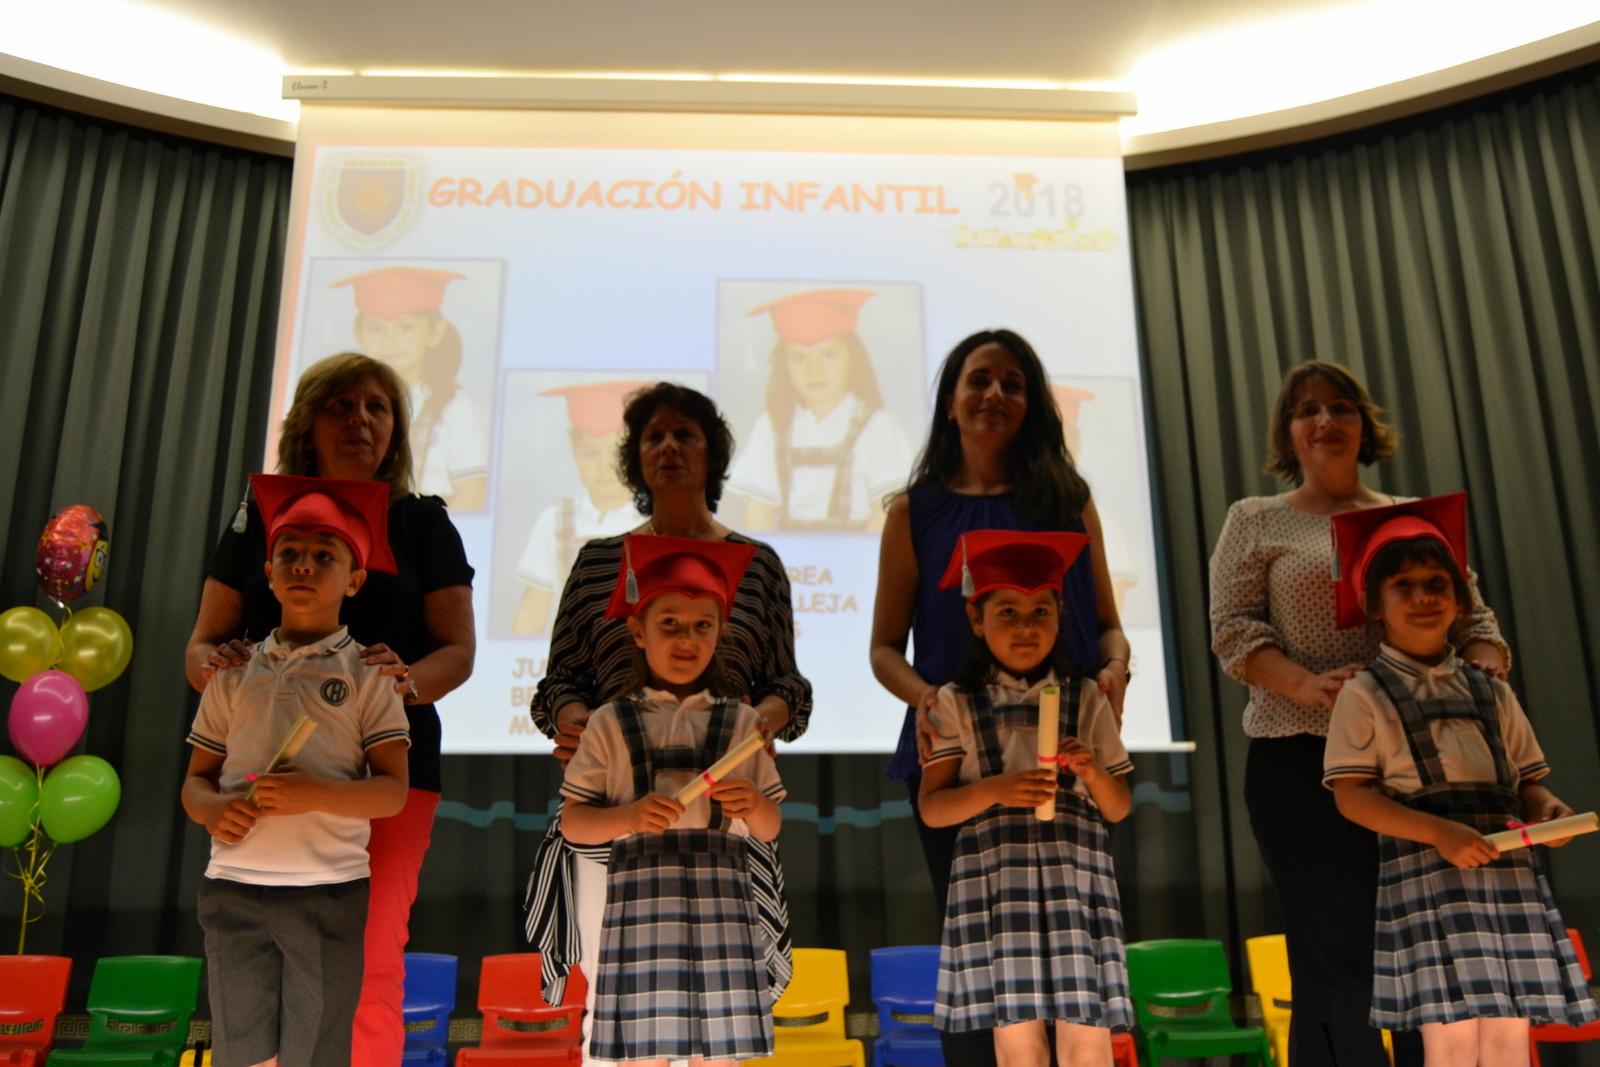 Graduación Educación Infantil 2018 2